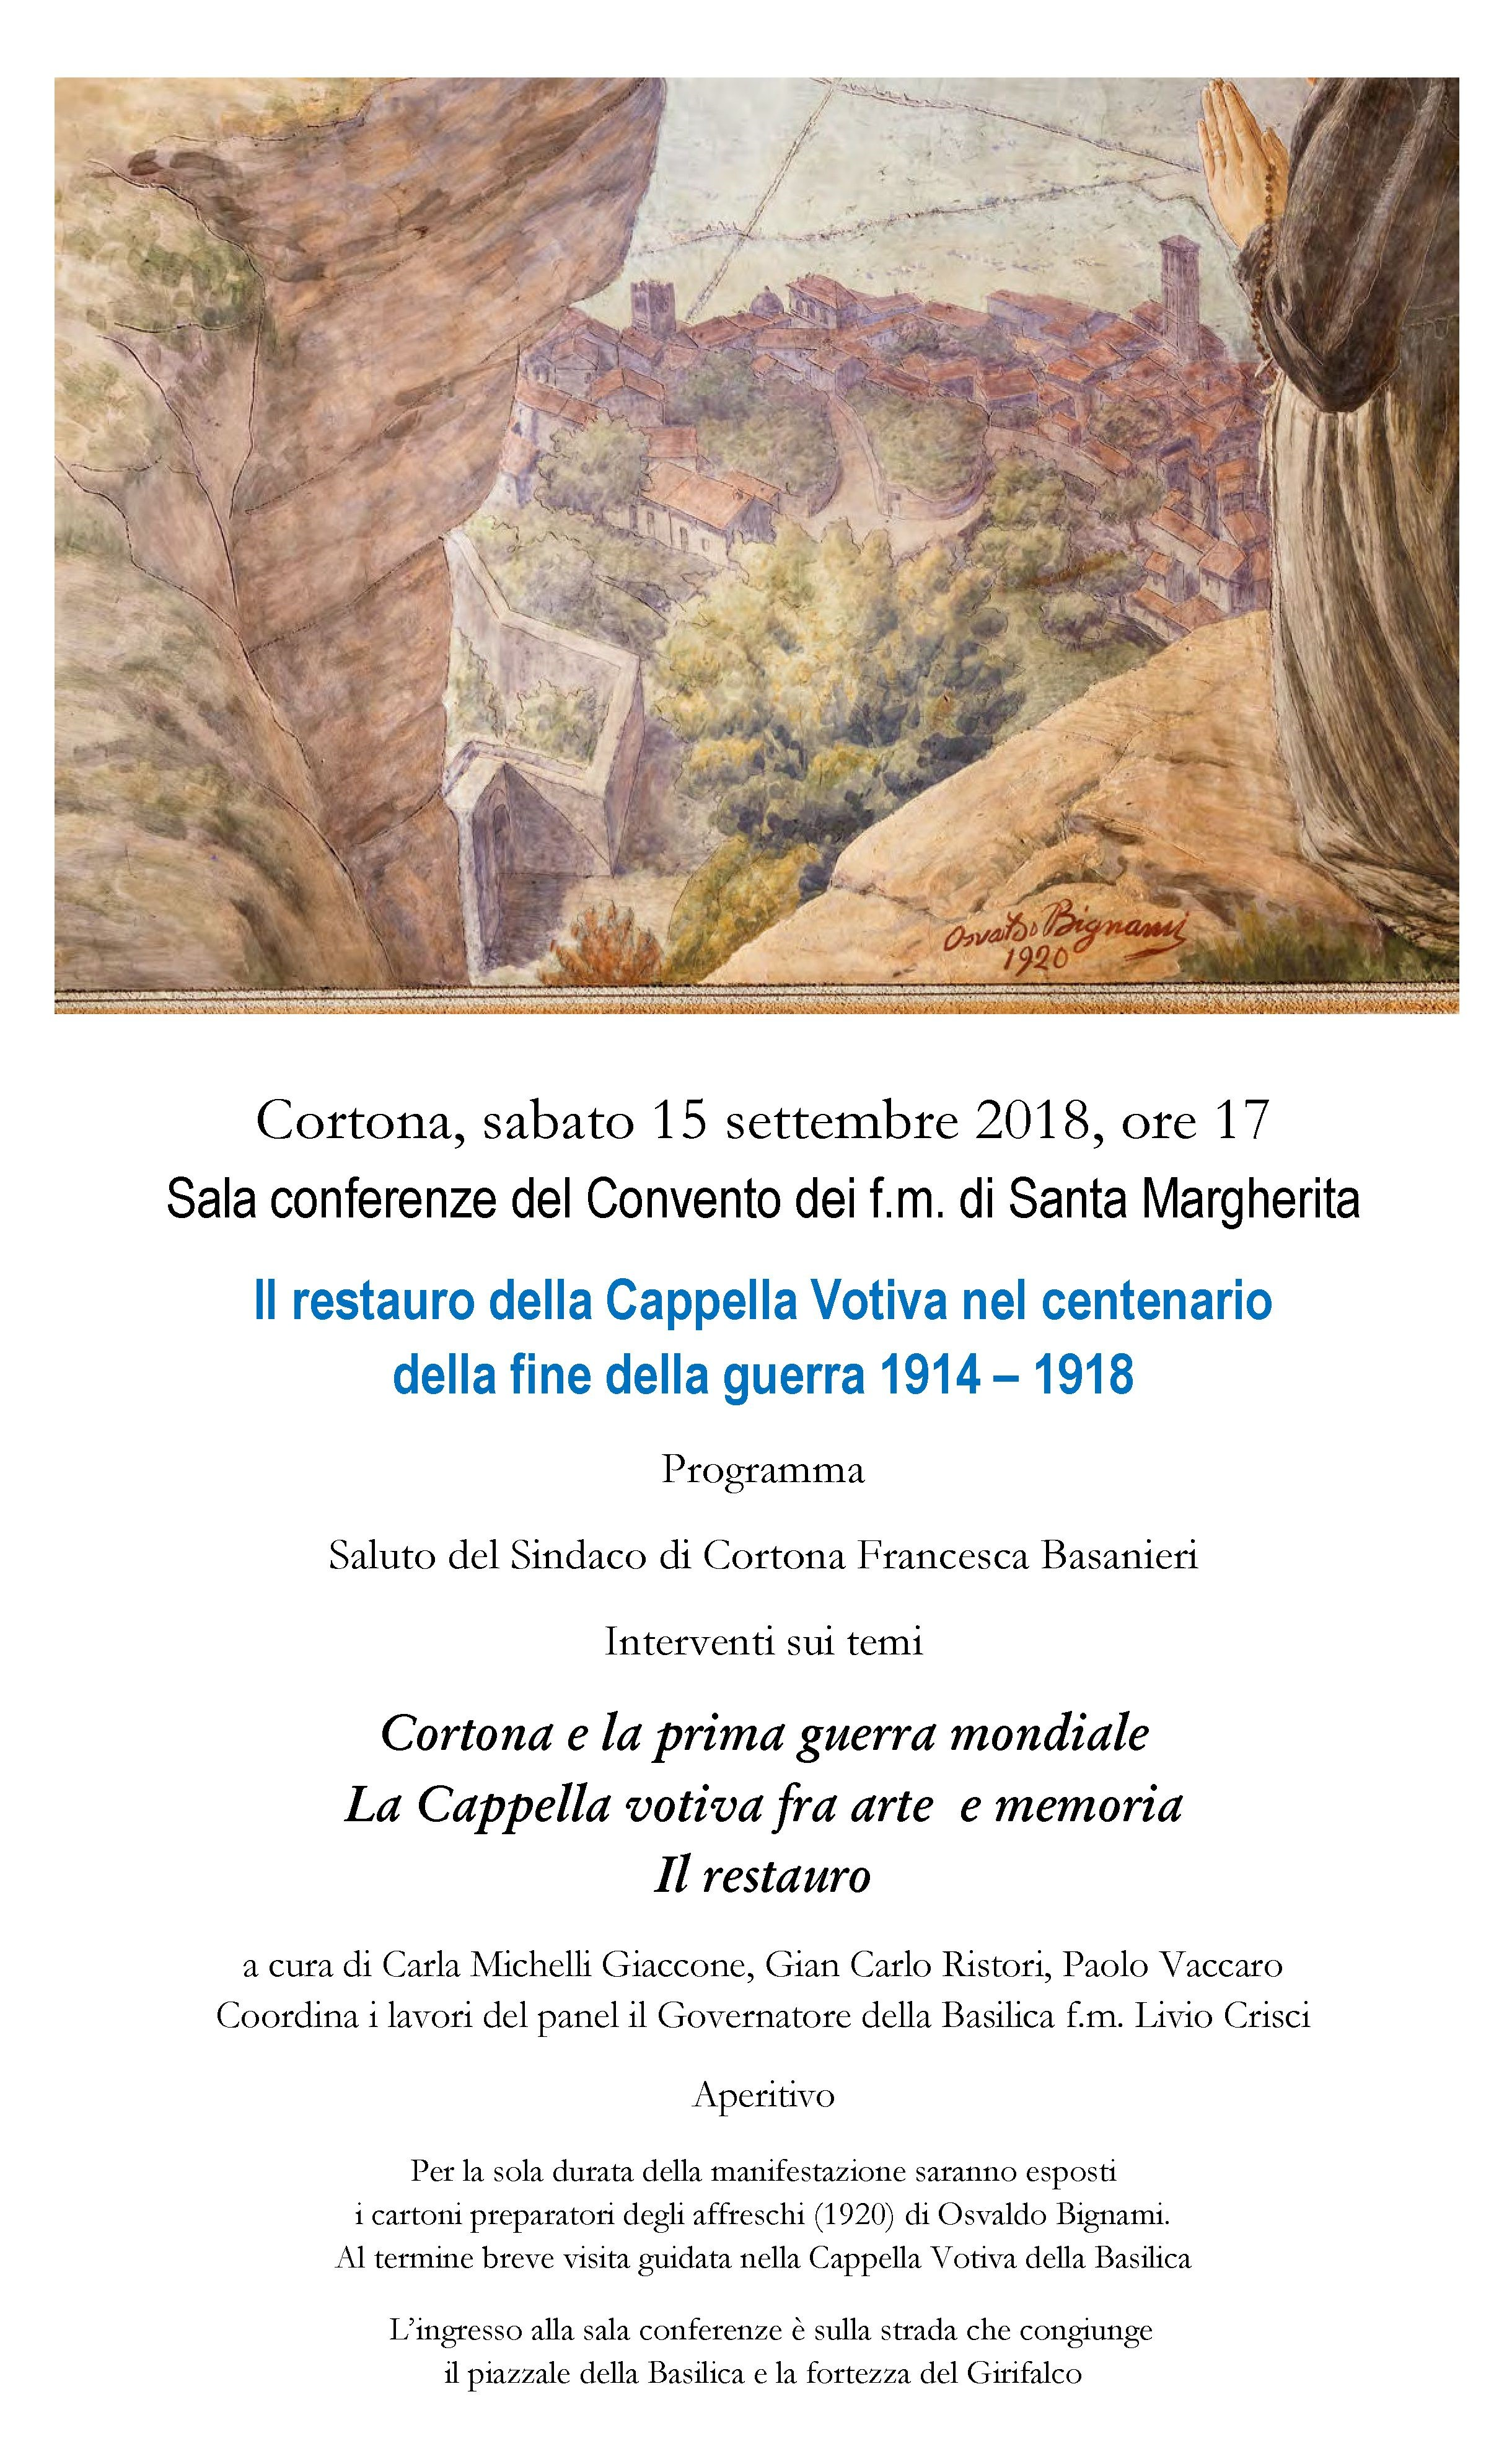 Sabato la presentazione del restauro della Cappella di Santa Margherita dedicata alle vittime della 1a Guerra Mondiale